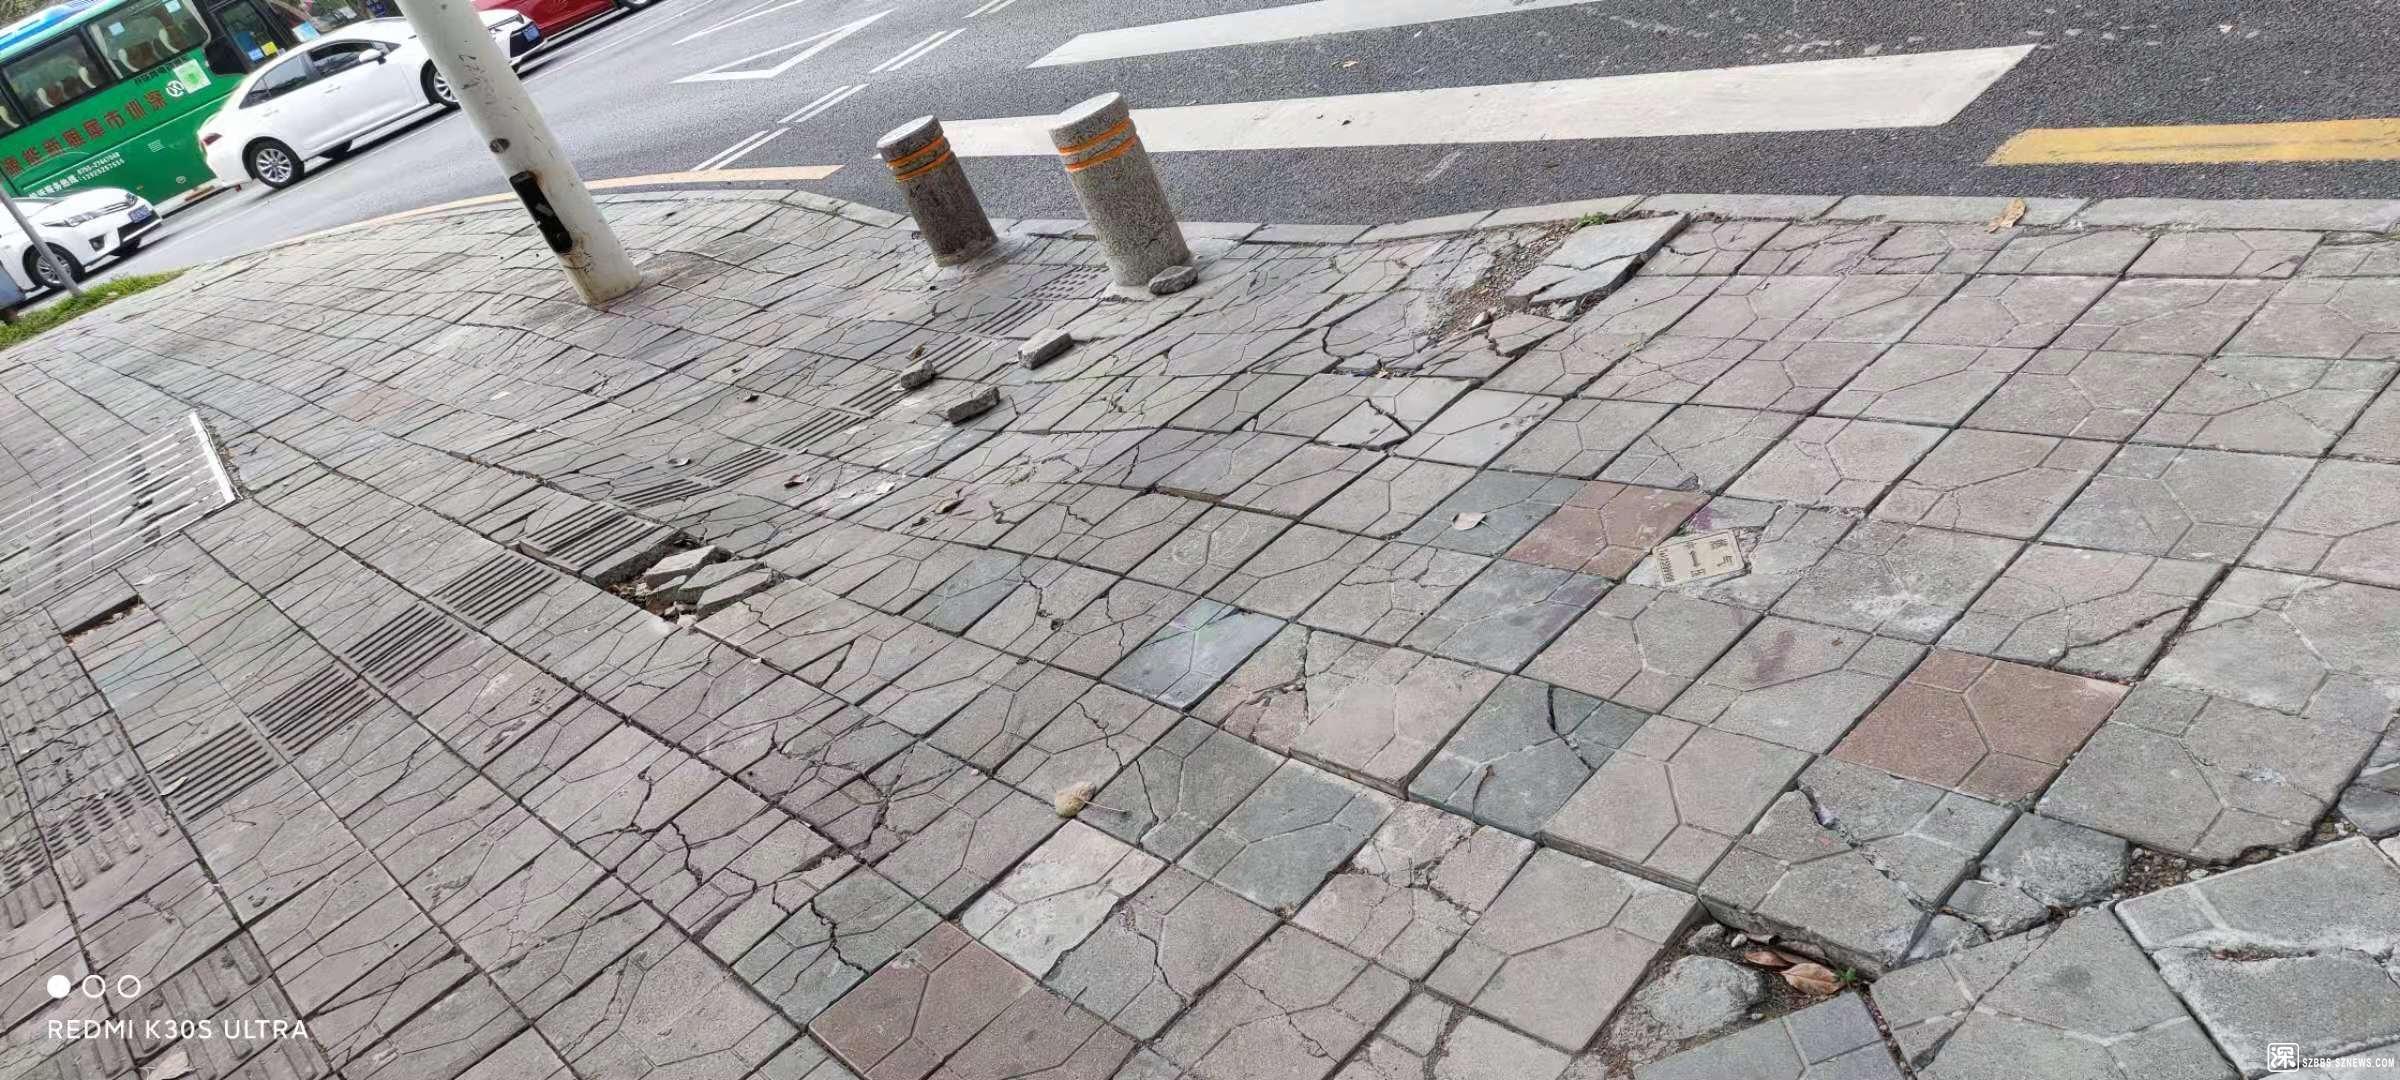 破碎人行道3